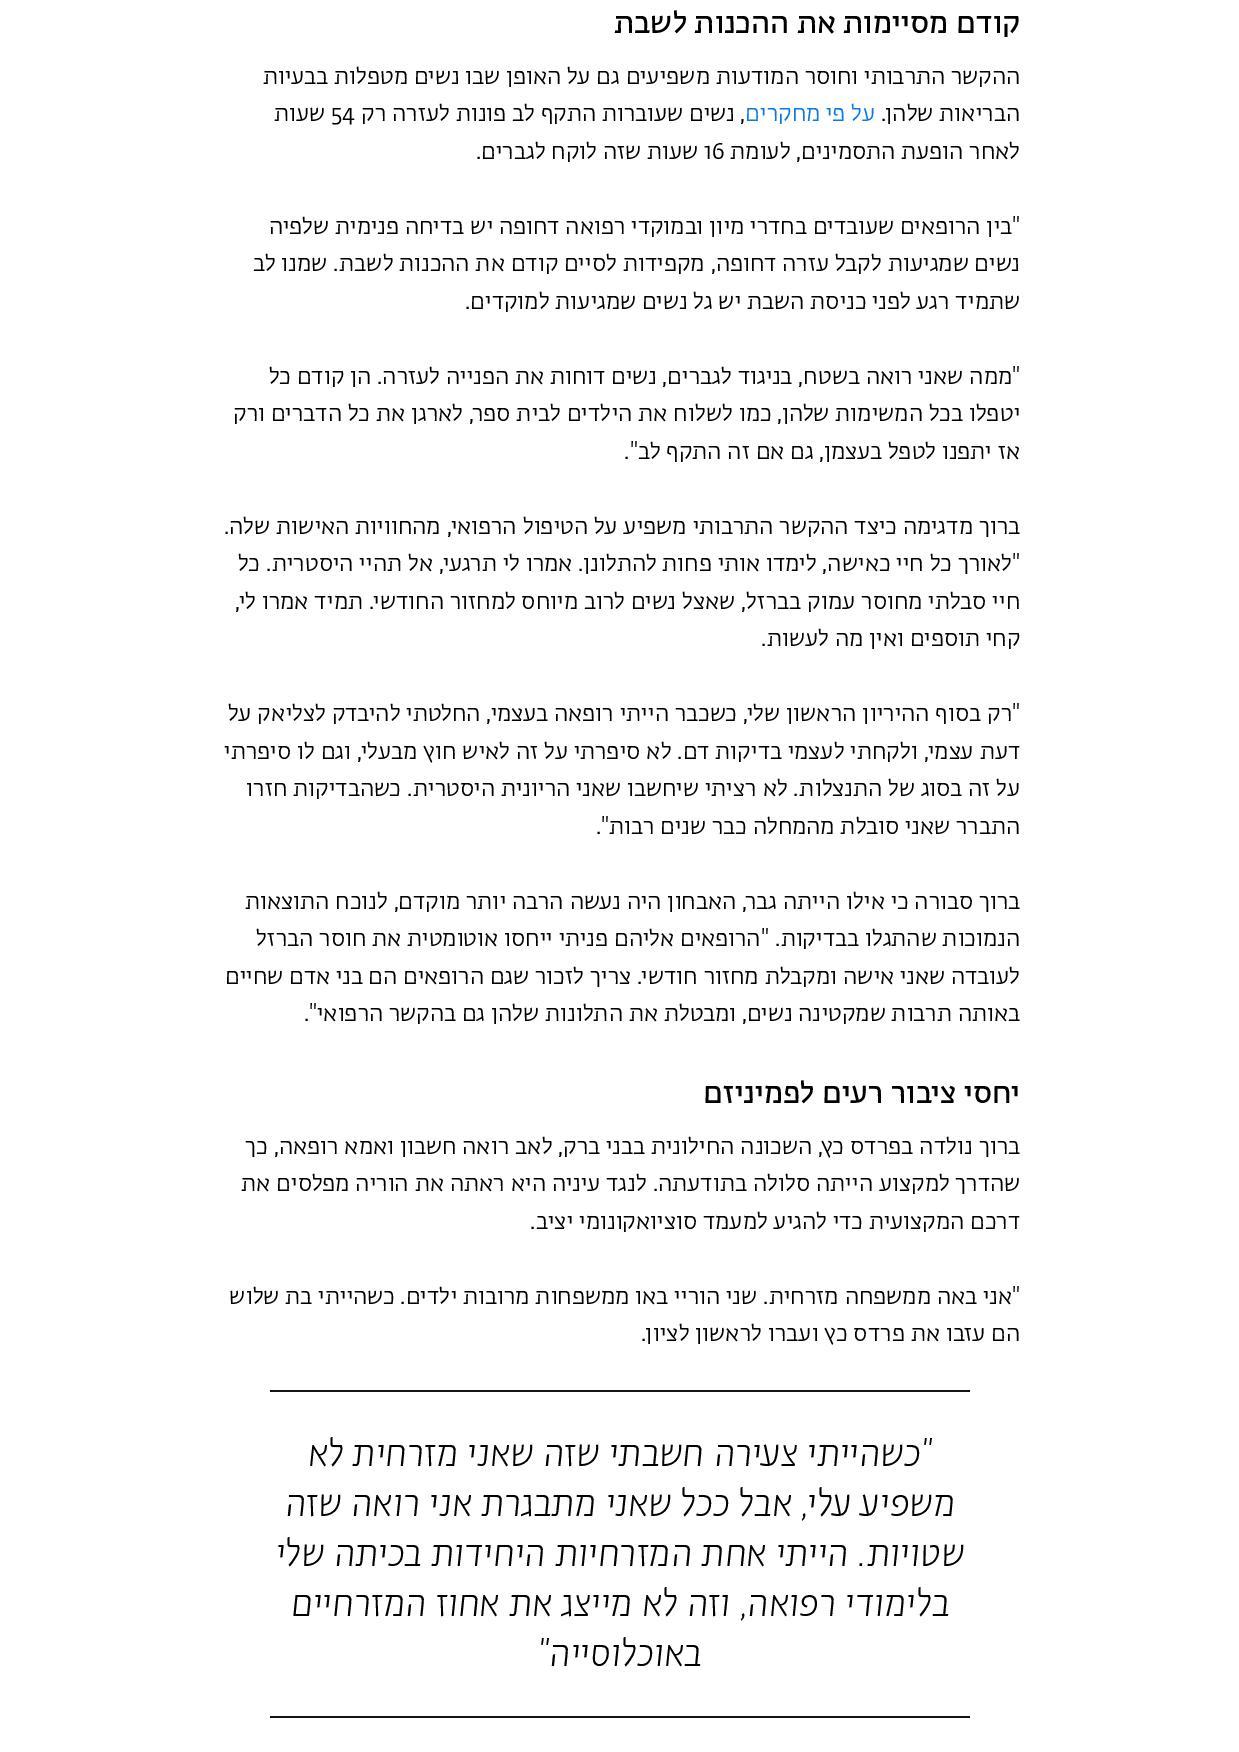 ד_ר ליאור ברוך מביאה את מהפכת הרפואה הפמיניסטית לישראל _ זמן ישראל-page-004